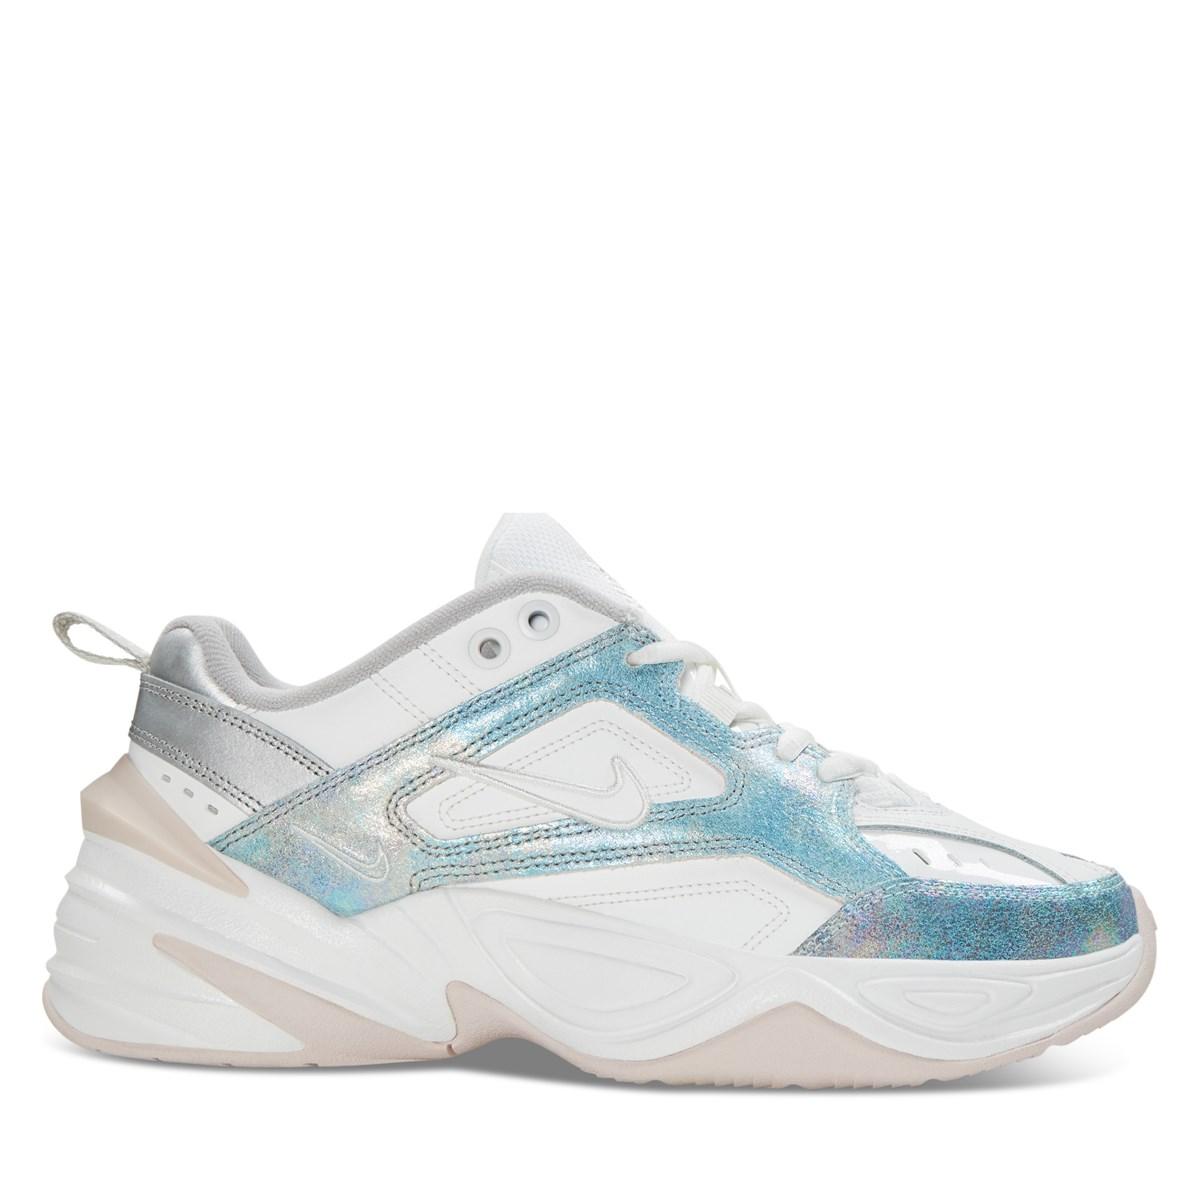 Women's M2K Tekno Sneakers in Blue